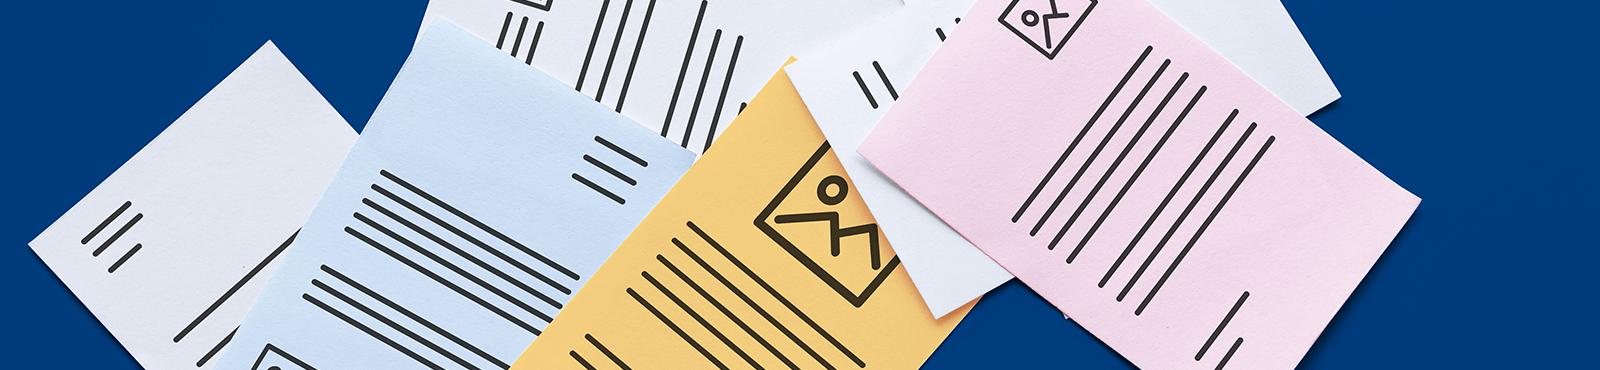 """<span class=""""text-thin"""">Mein</span>Büro-Highlight: Mehrere Briefpapiere einsetzen"""